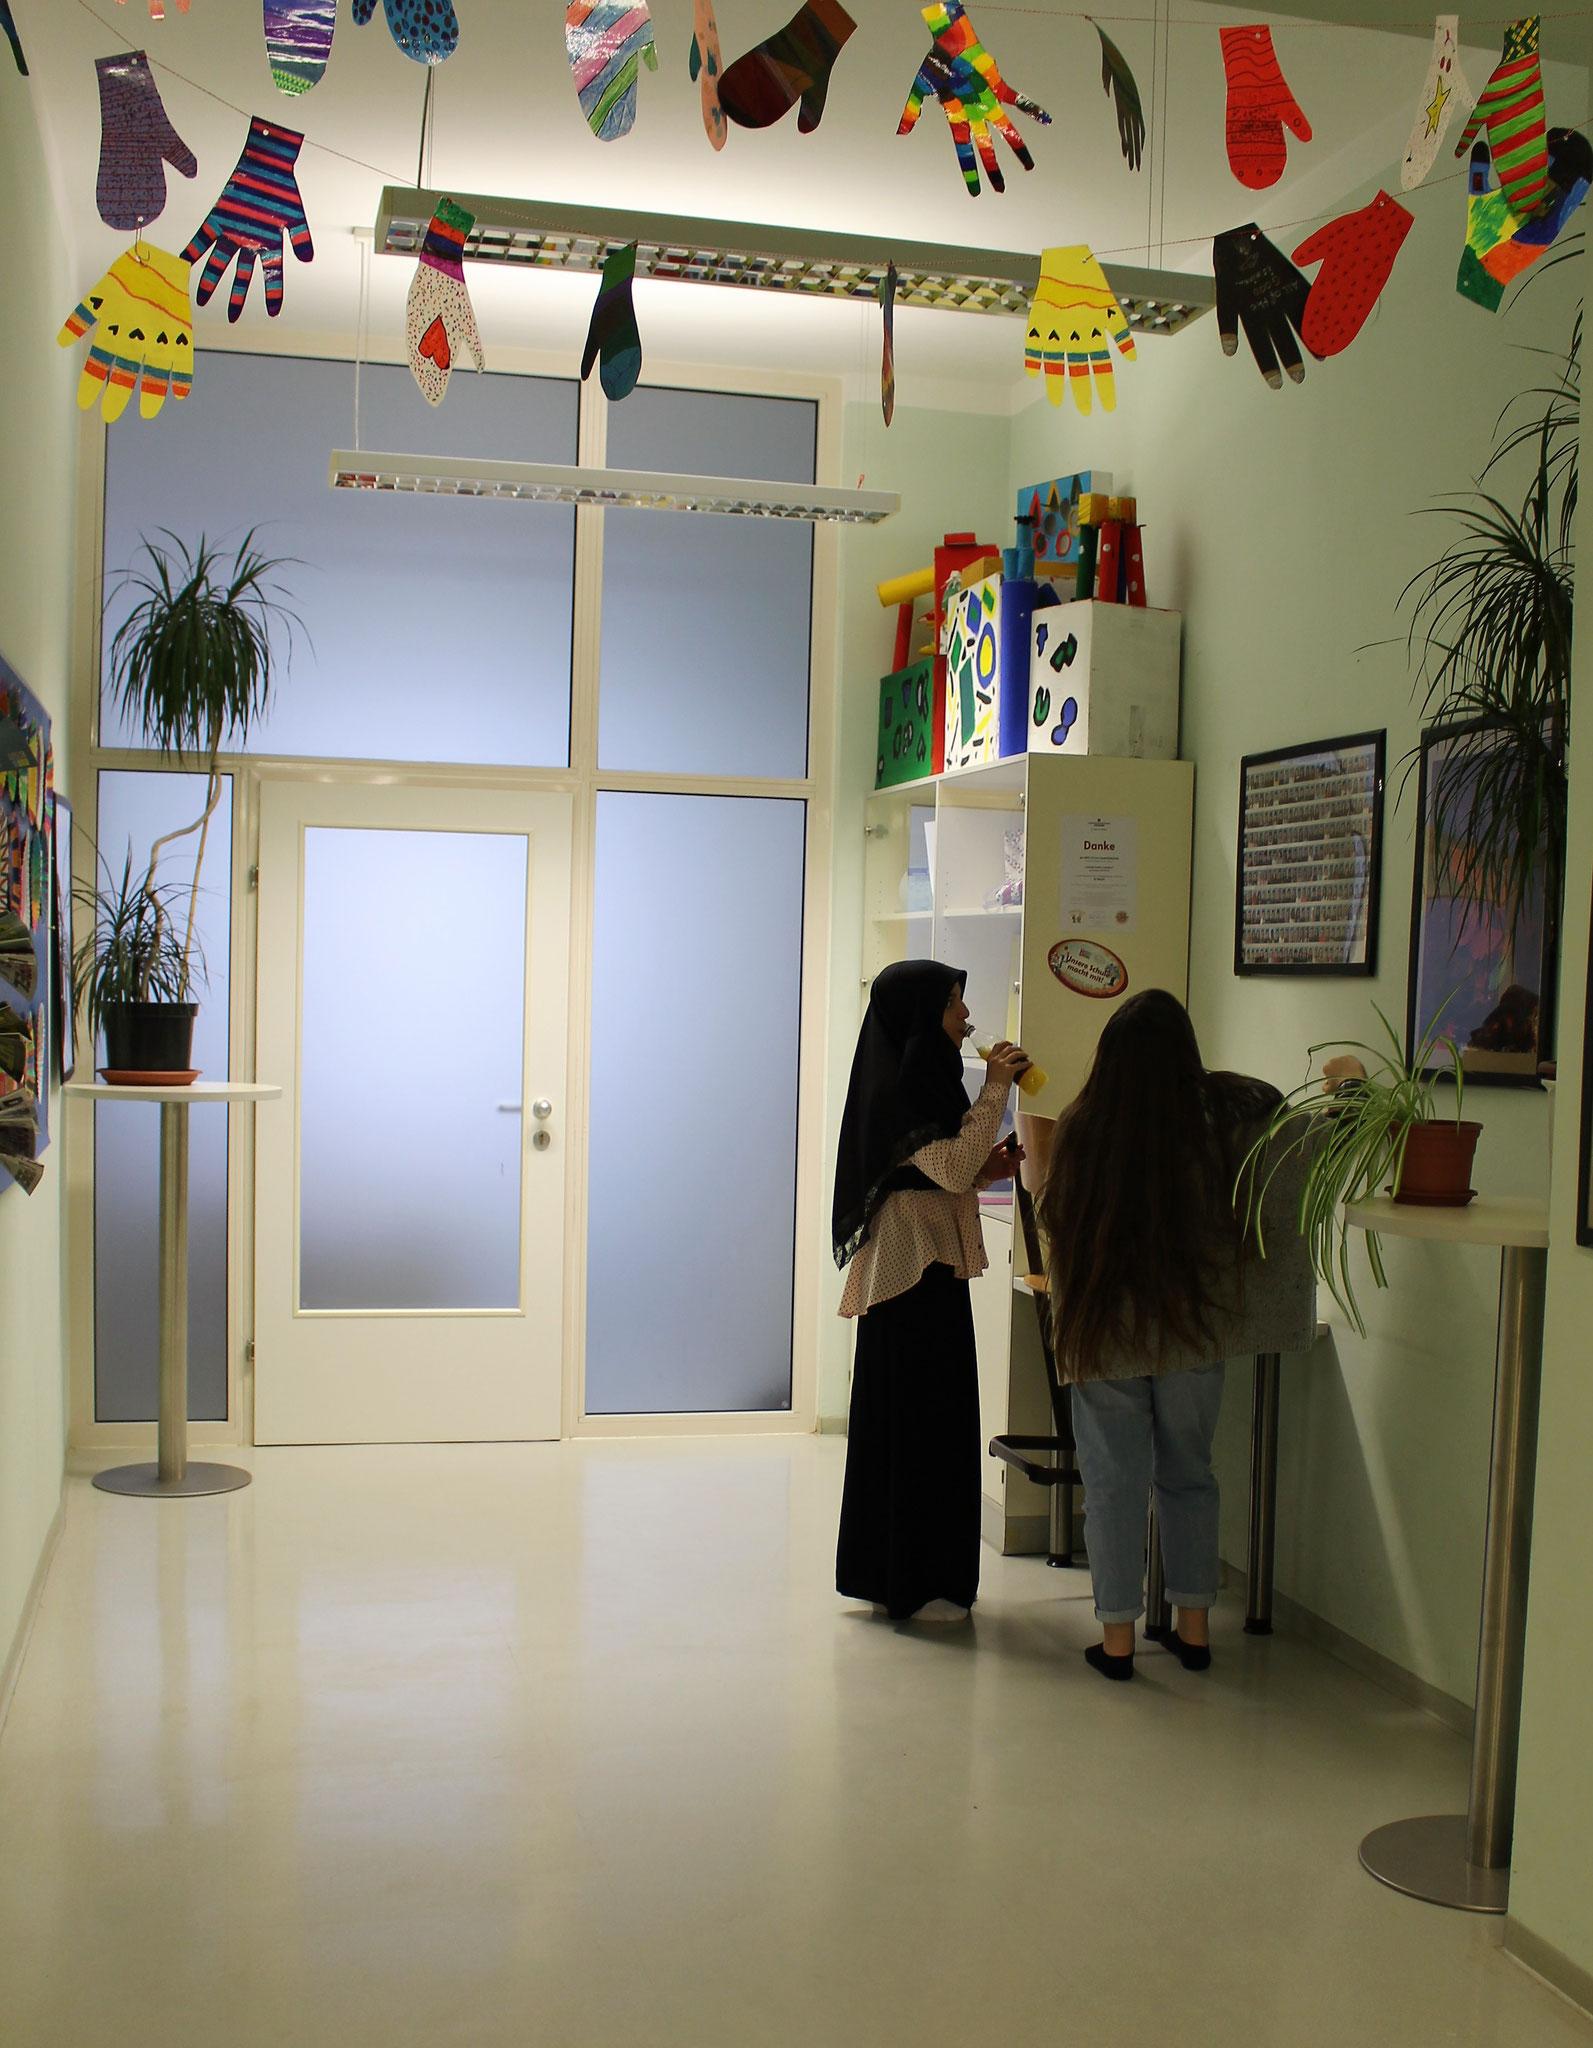 Vor dem Büro des Schulleiters